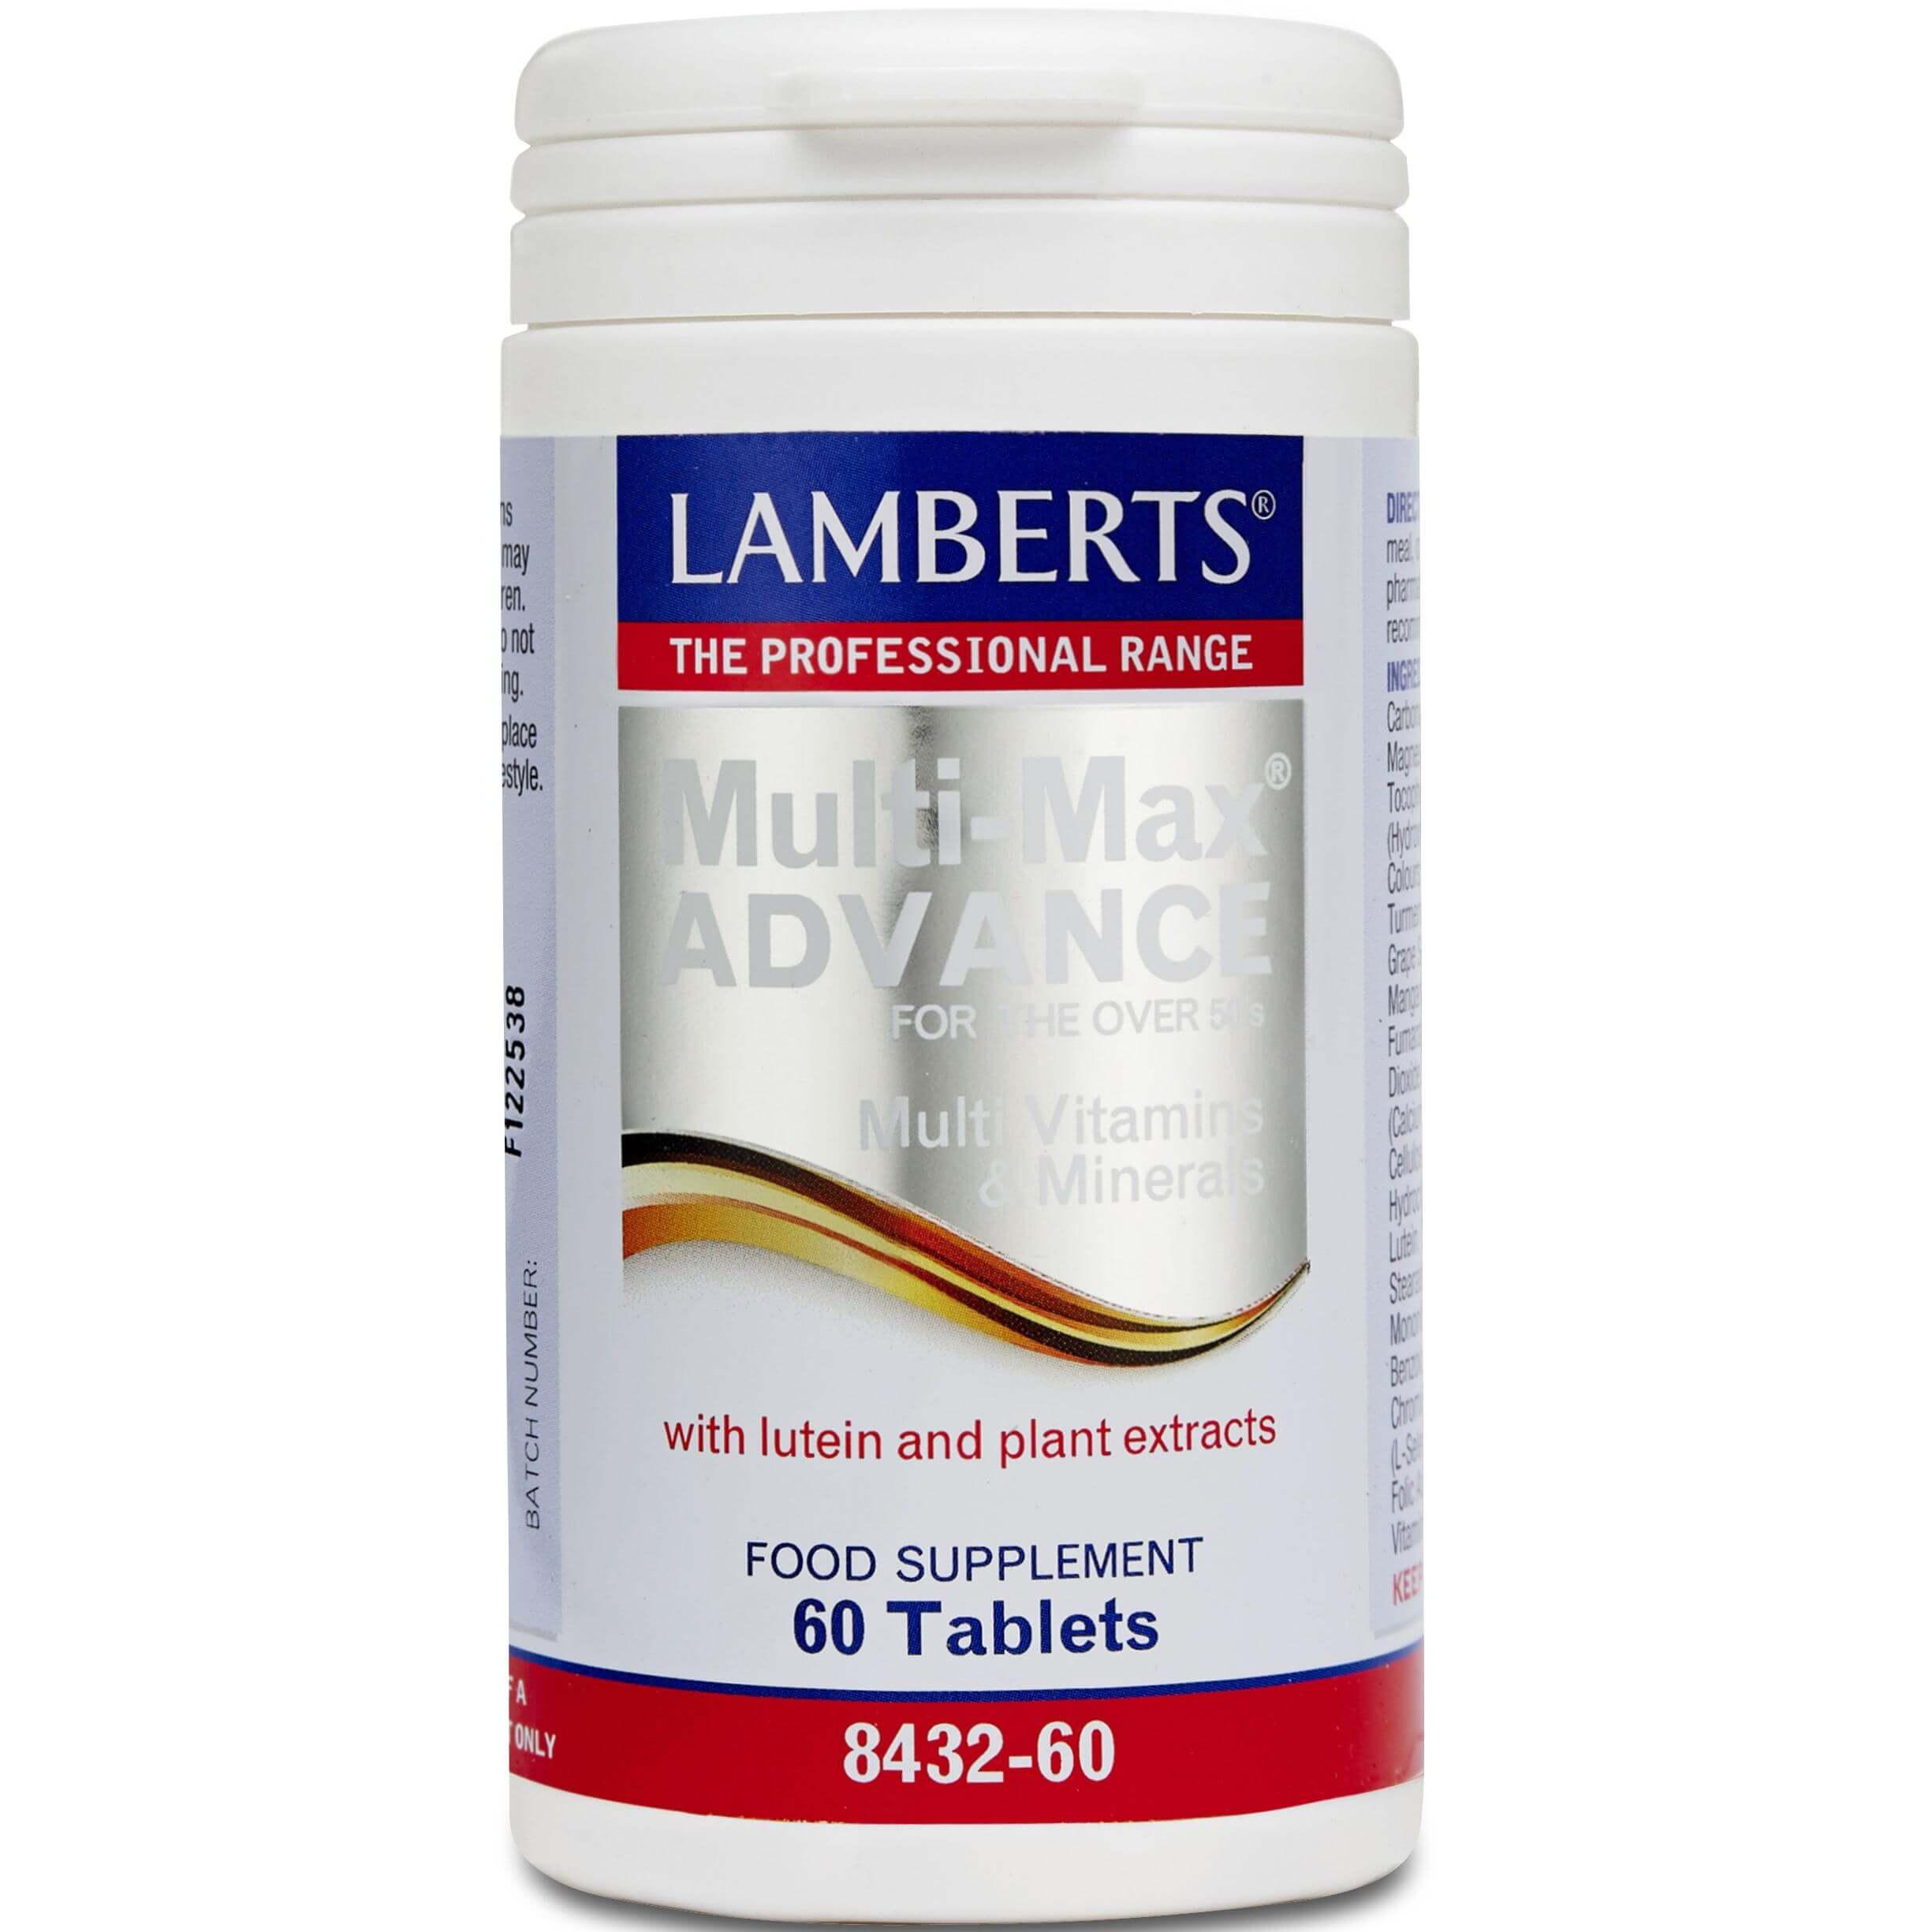 Lamberts Multi Guard Advance Συμπλήρωμα Διατροφής Πολυβιταμίνημε Λουτεΐνη και Εκχυλίσματα Βοτάνων 60 tabs